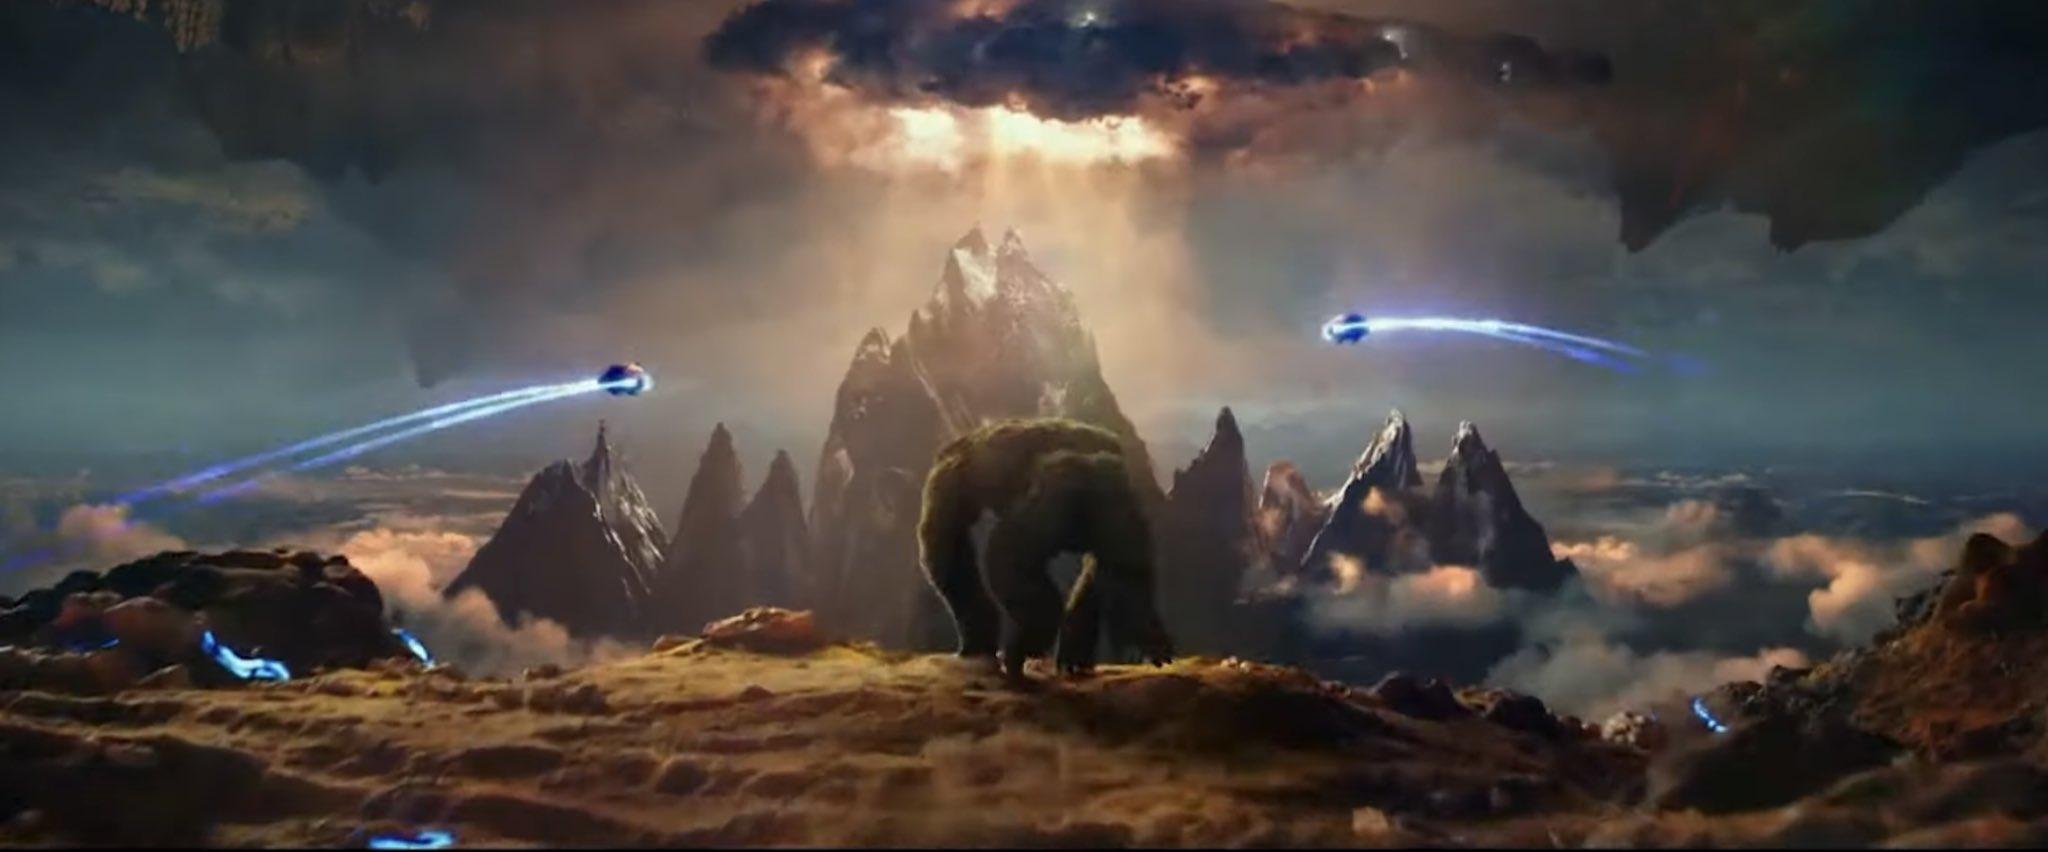 Hollow Earth Godzilla Vs Kong